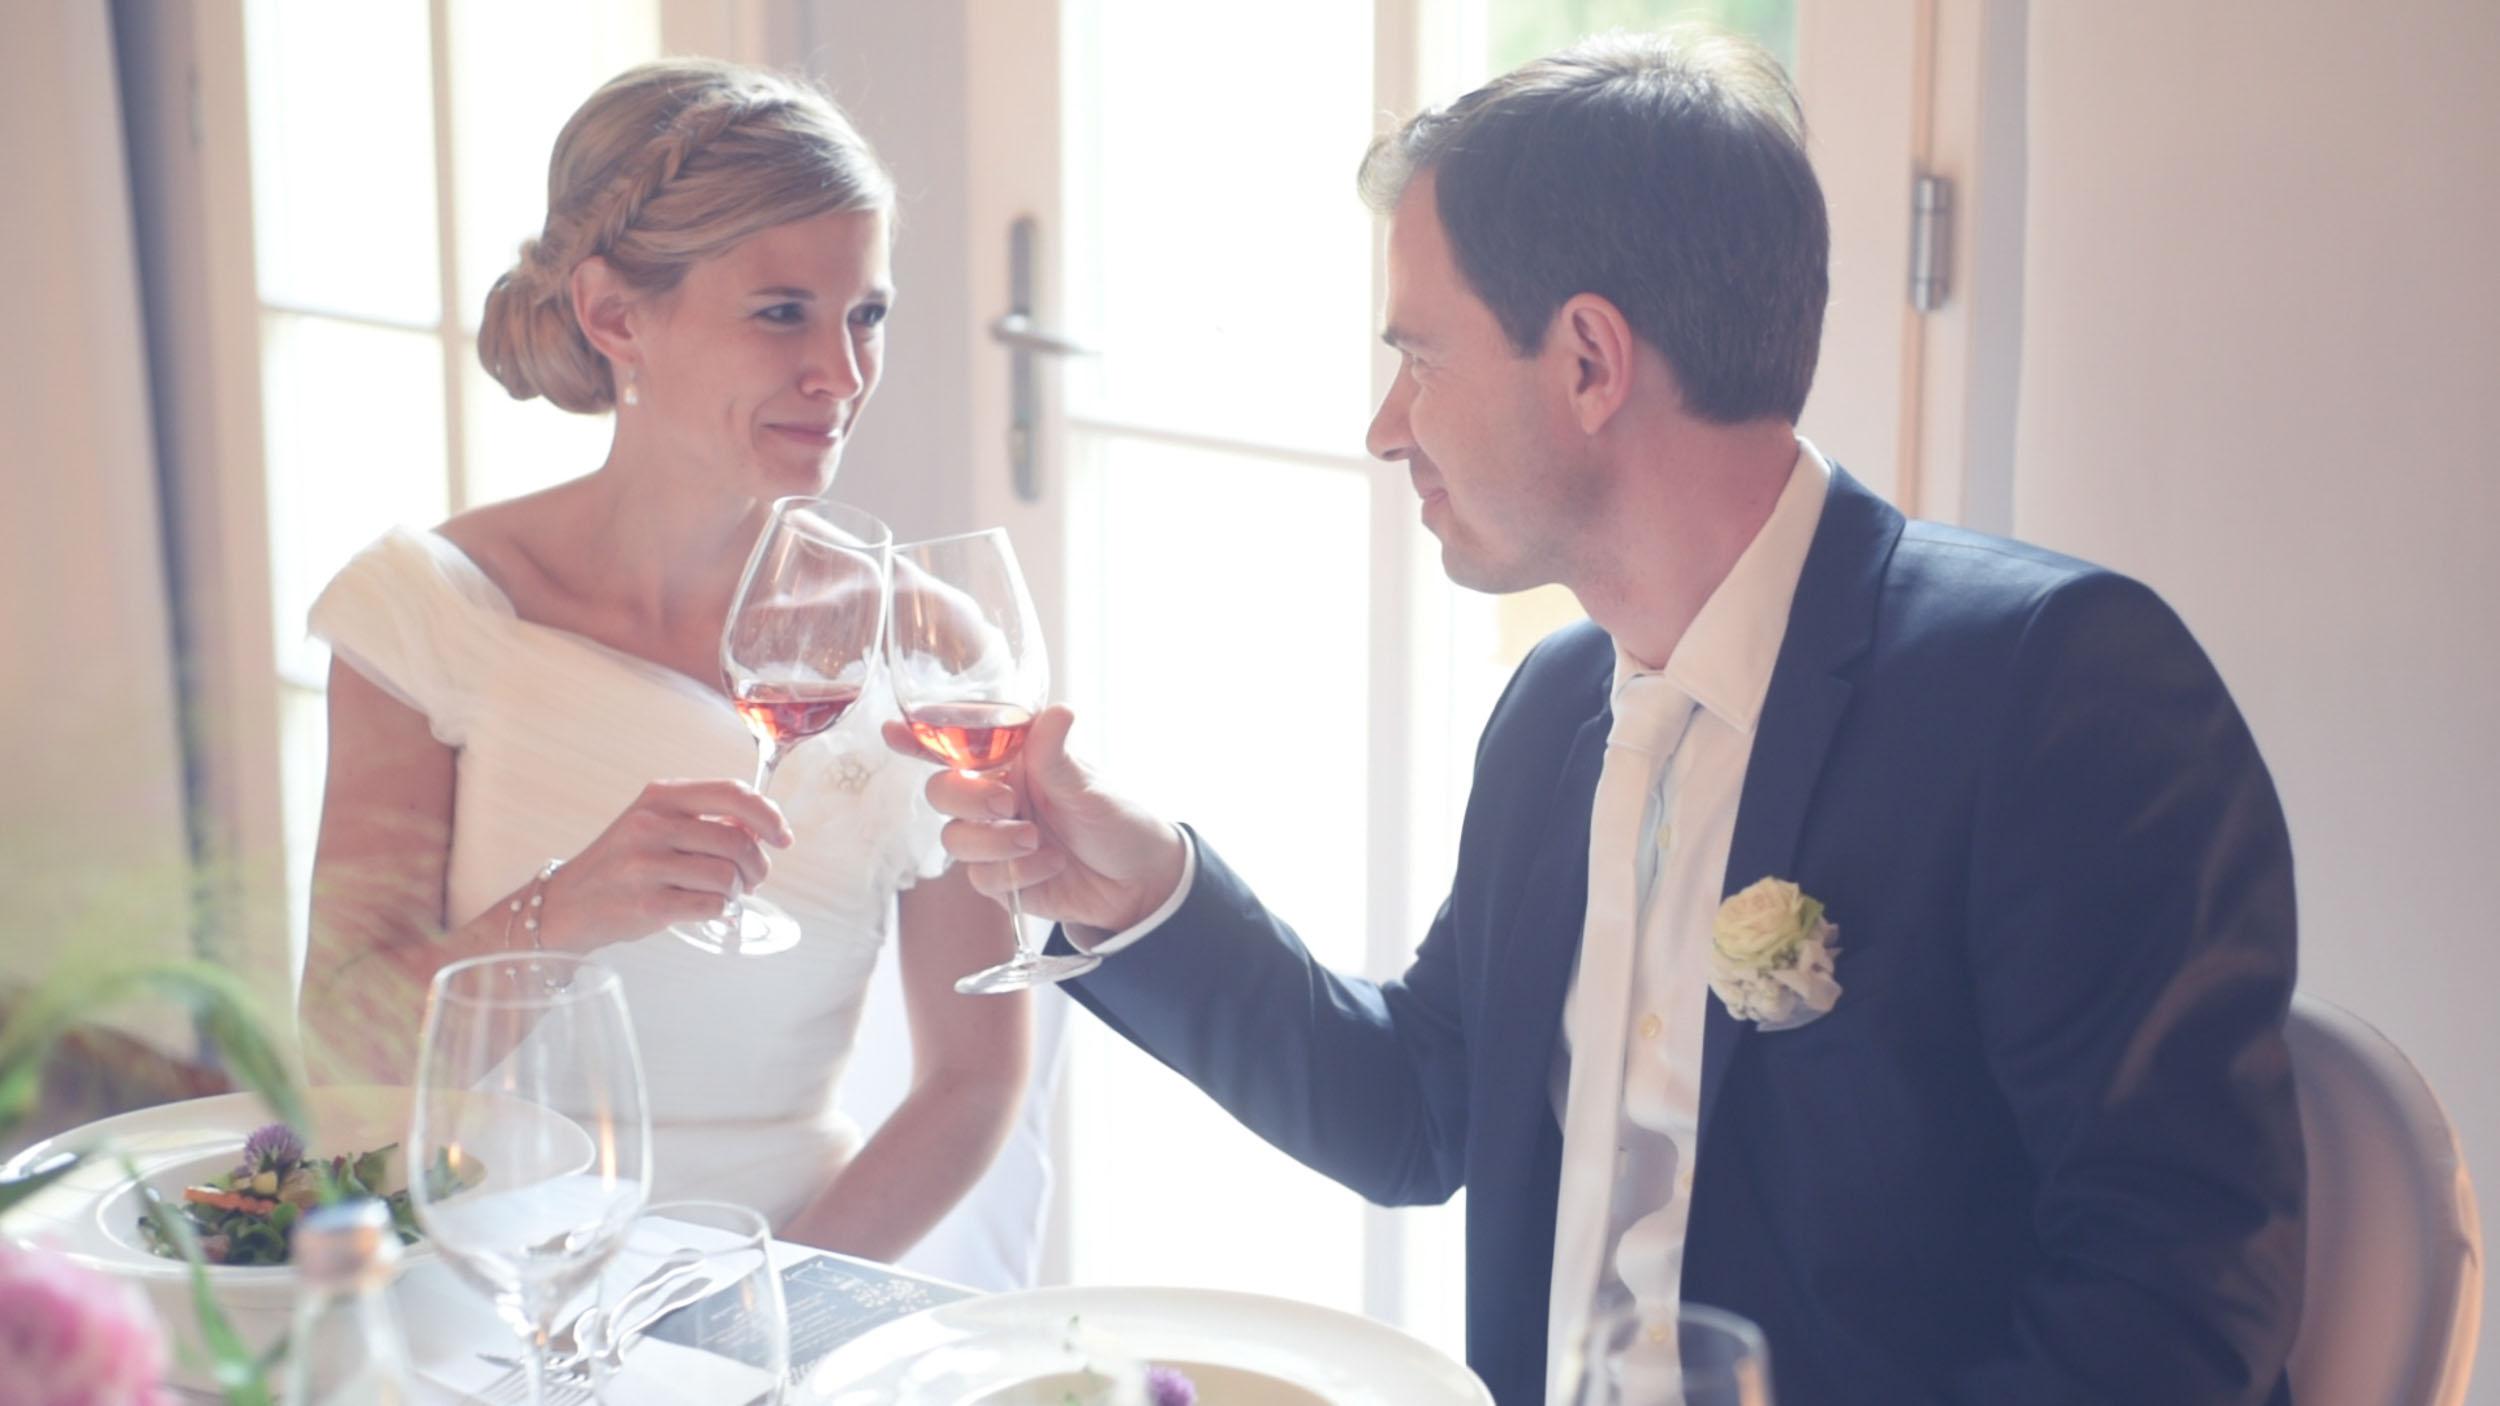 Hochzeit-Foto-Video-Film-Screenshot-Brautpaar-München-Zammgfasst.jpg